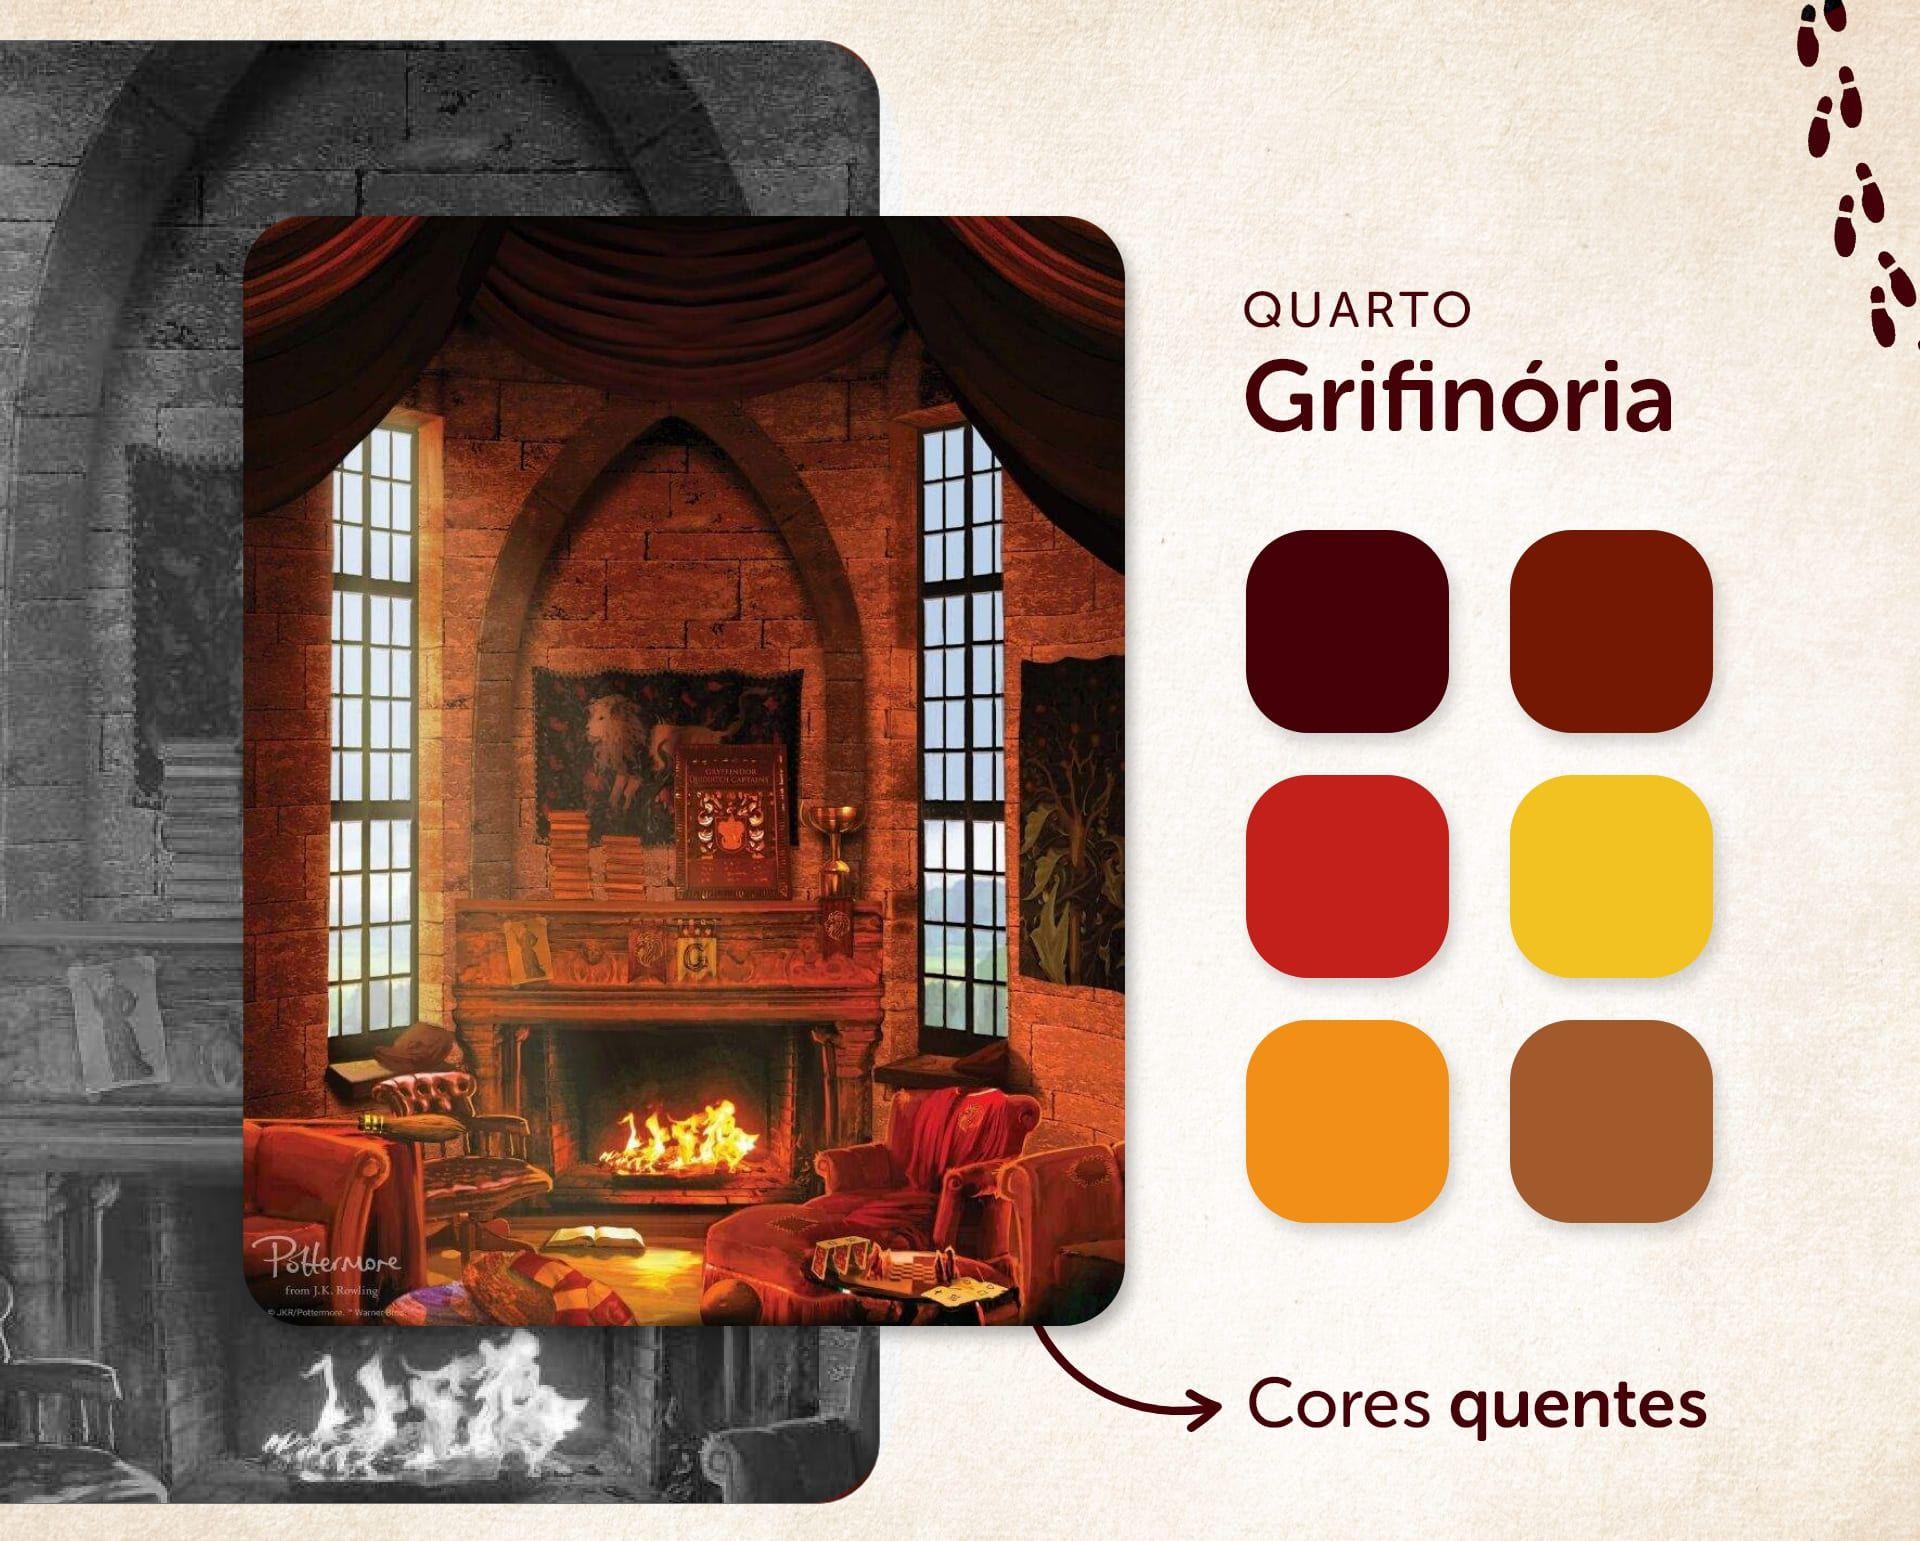 No quarto Harry Potter da Grifinória, as cores vermelho e amarelo se destacam (Ilustração: Pottermore, Imagem: Isabel Marlasca/Zoom)